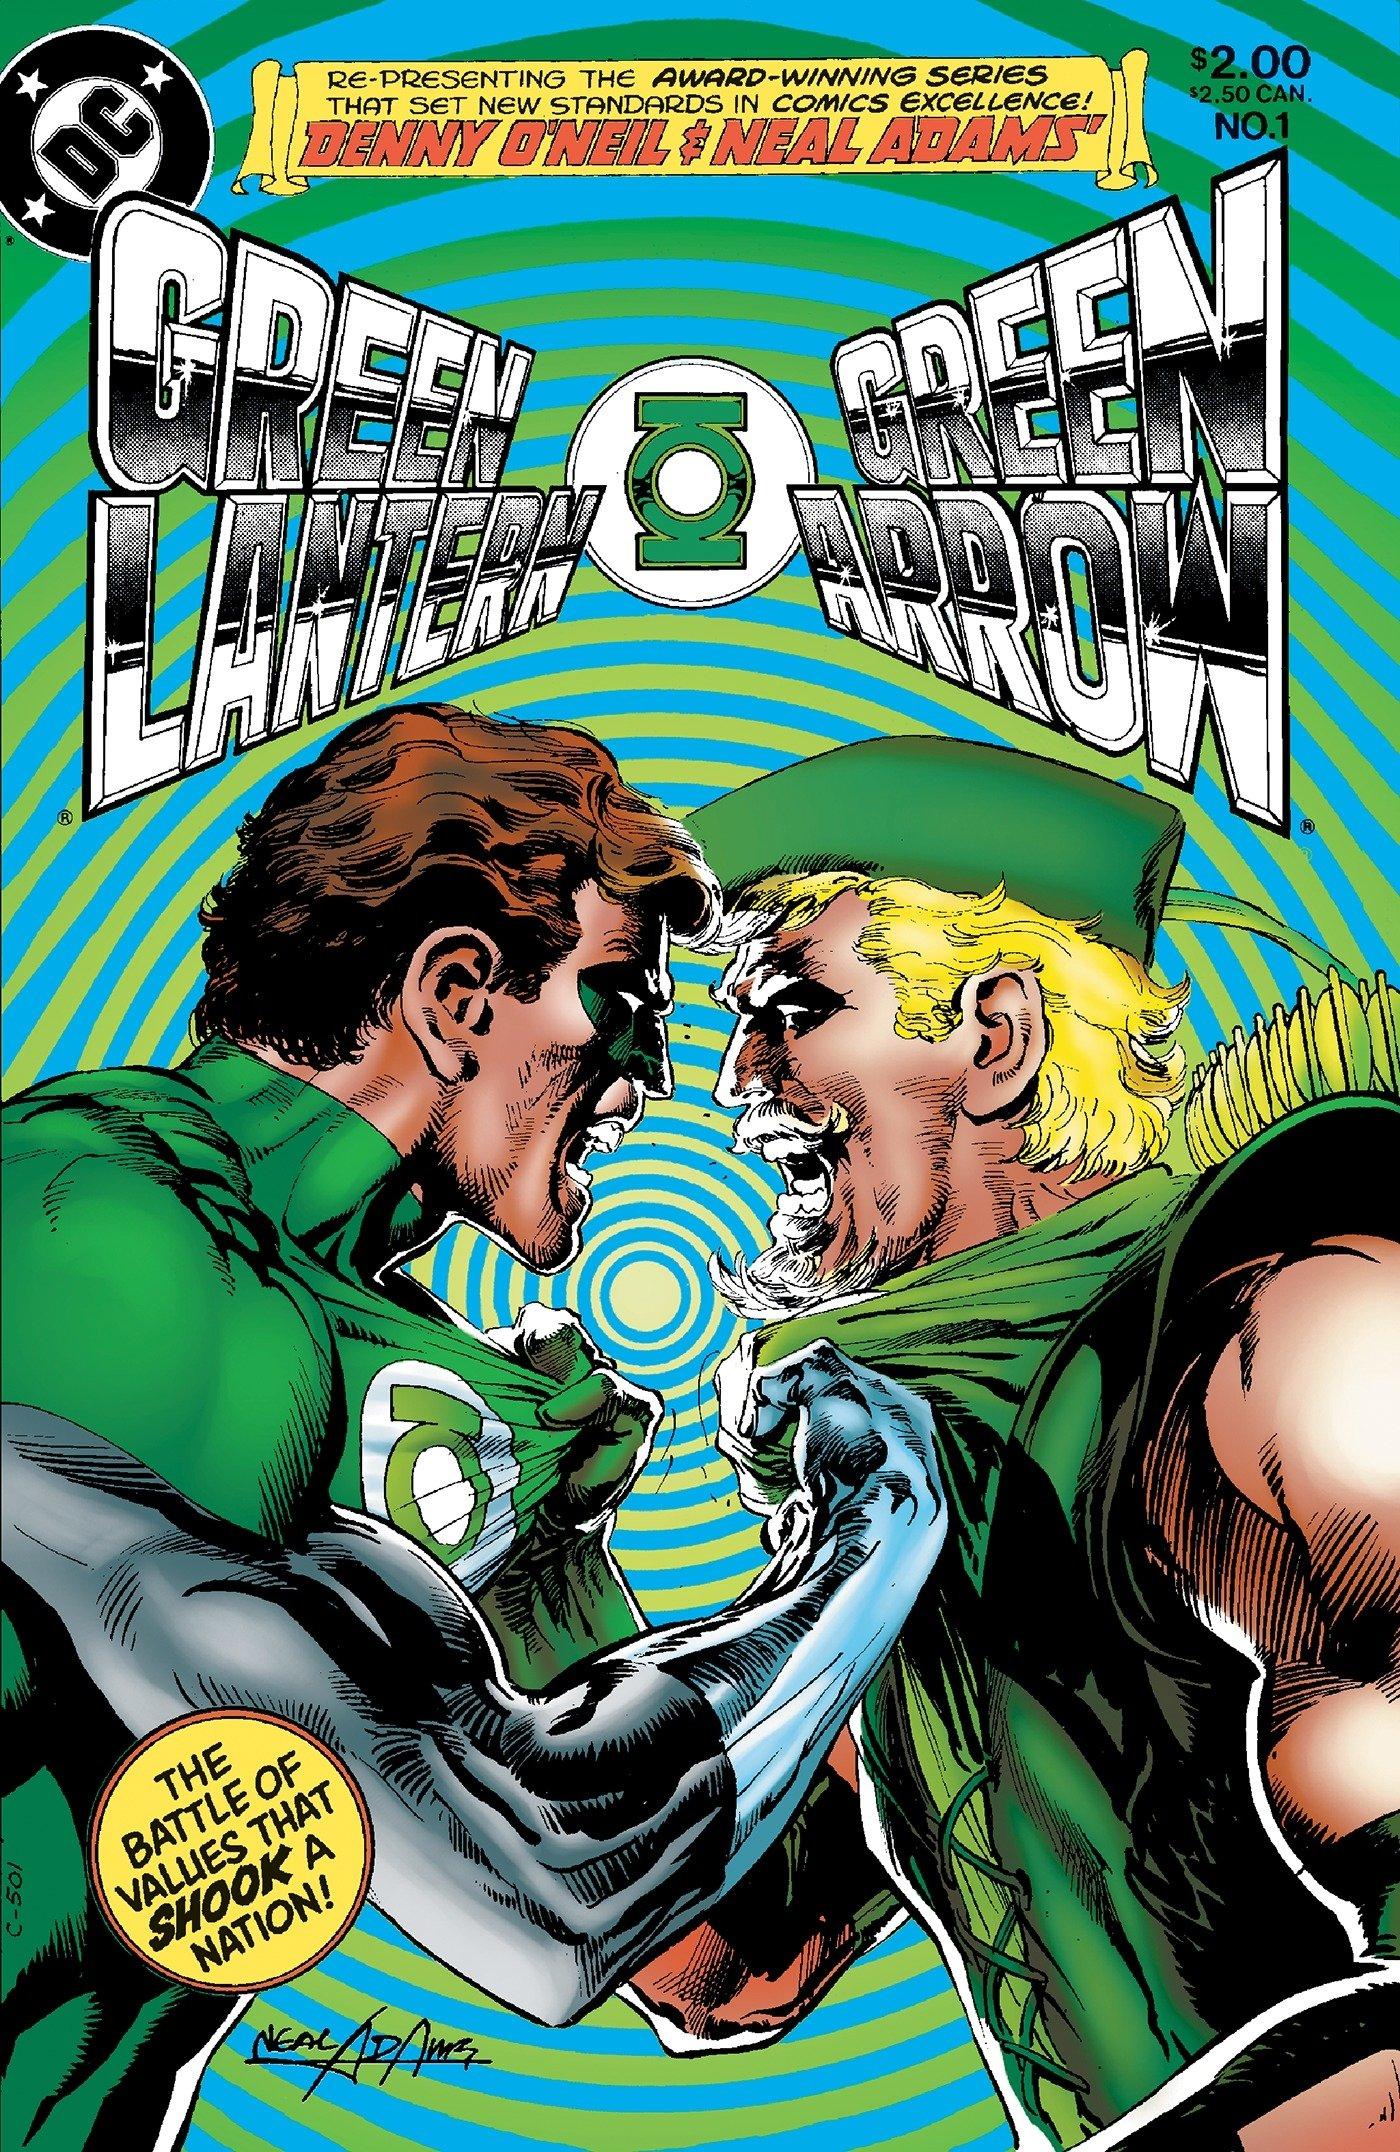 Hal Jordan e Oliver Queen encaram suas diferenças políticas em arte de Neal Adams.